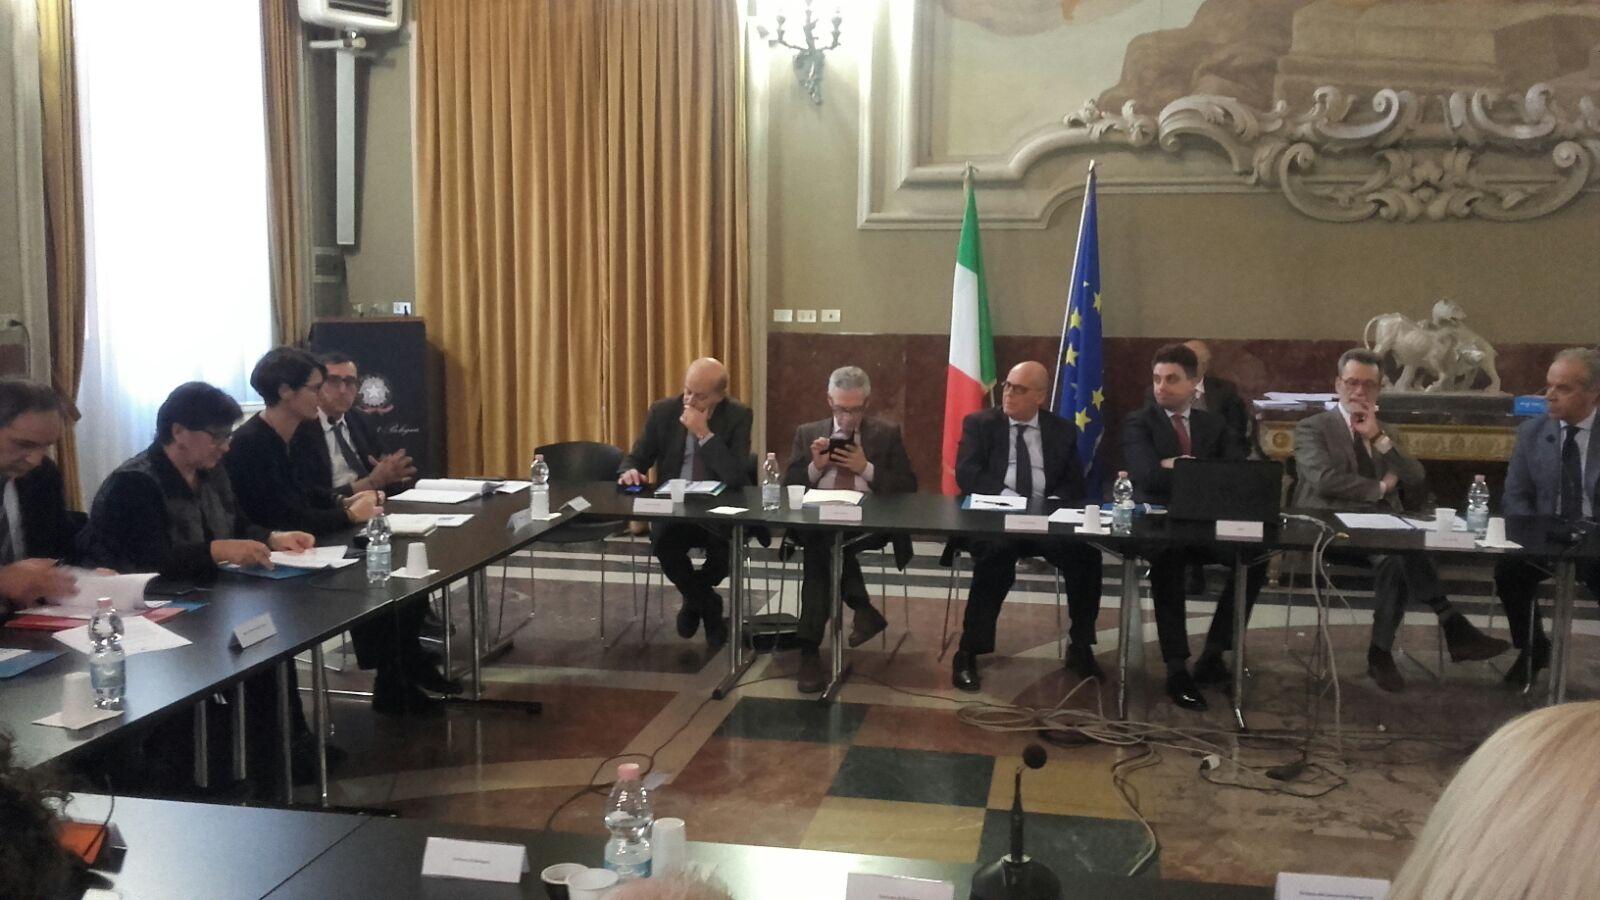 Comunicato stampa: 13/12/2017 Conferenza di servizi presso la Prefettura di Bologna